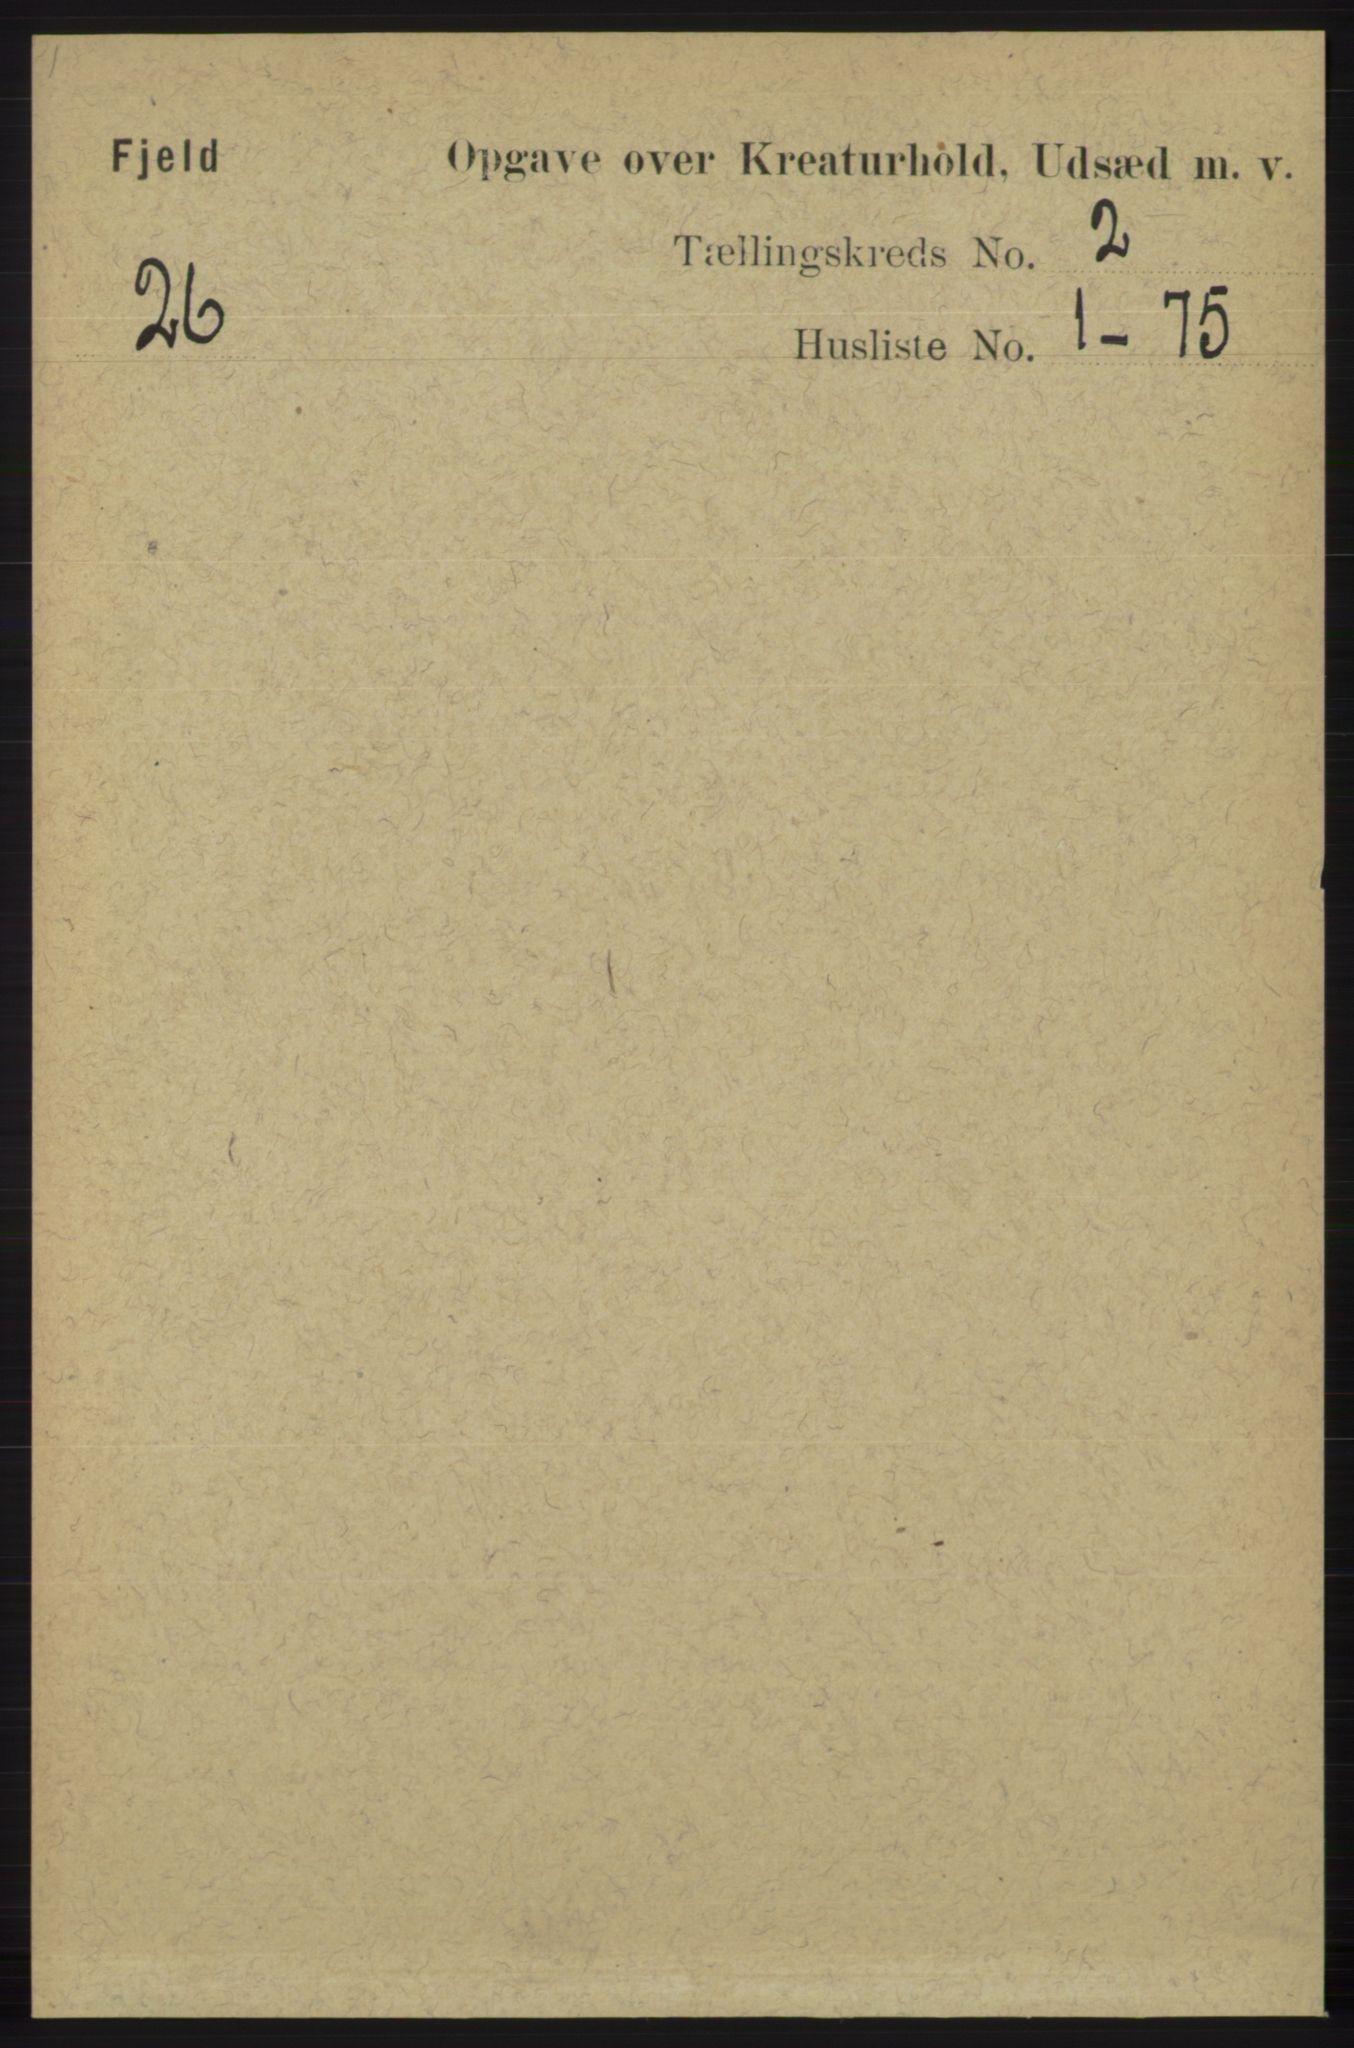 RA, Folketelling 1891 for 1246 Fjell herred, 1891, s. 4019